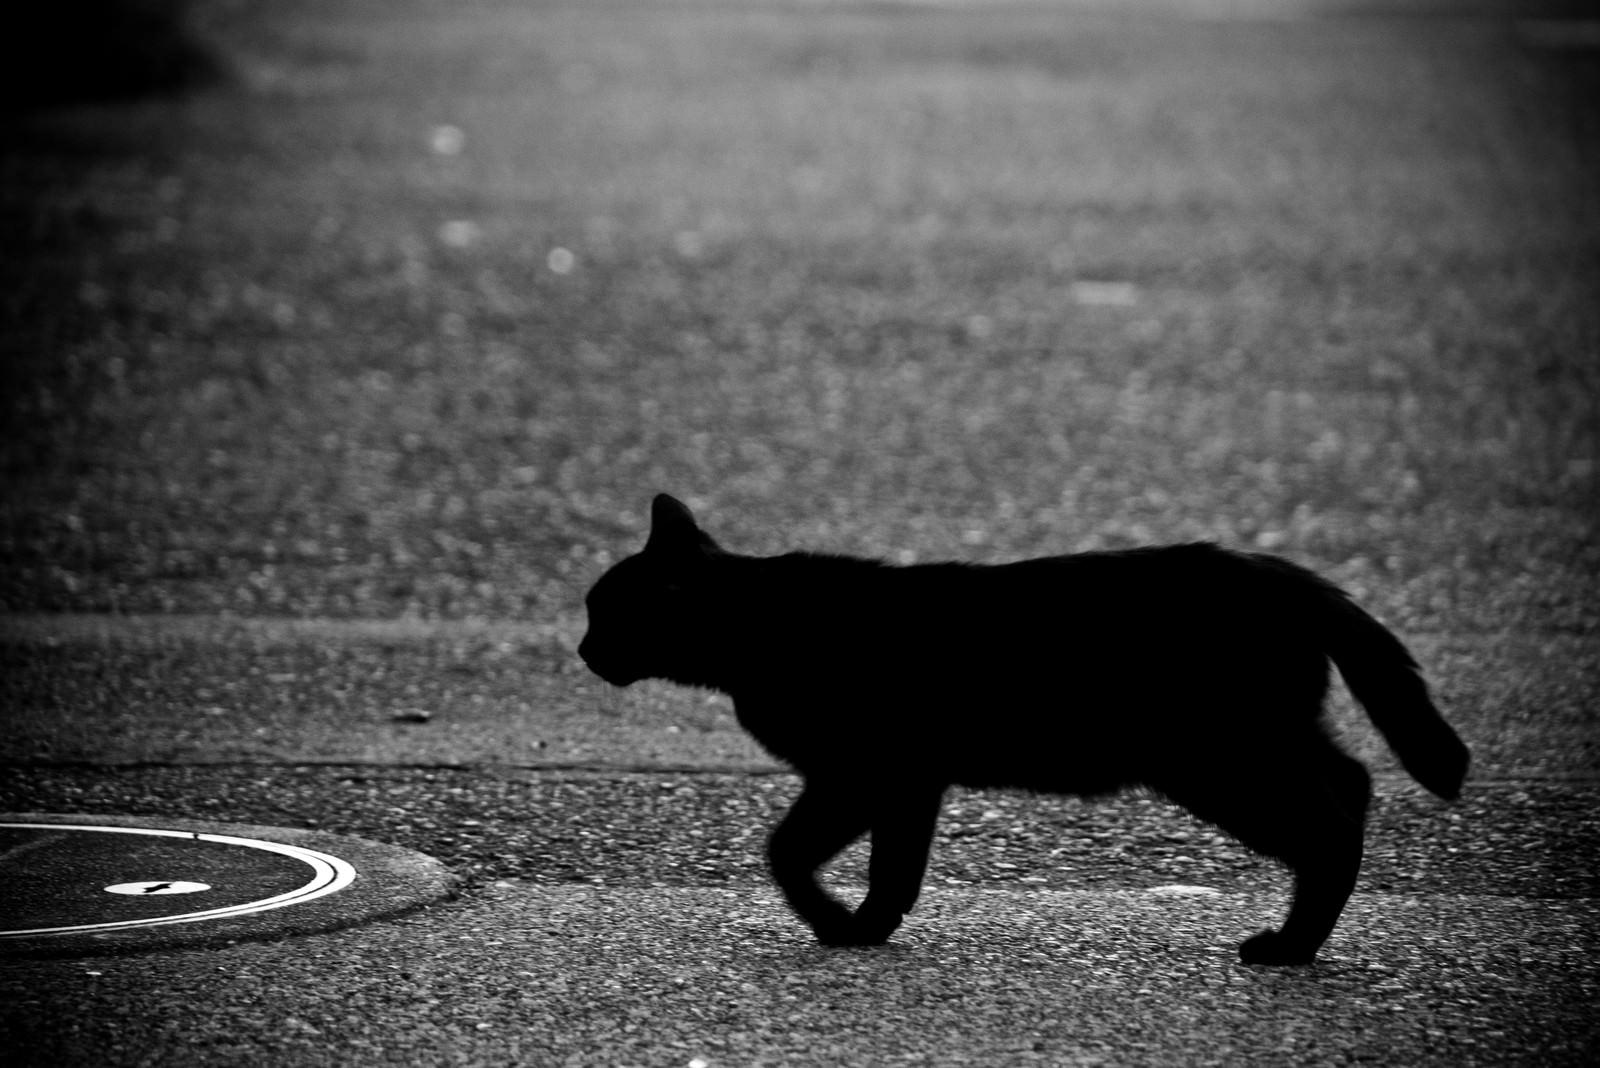 「目の前を横切る黒猫目の前を横切る黒猫」のフリー写真素材を拡大